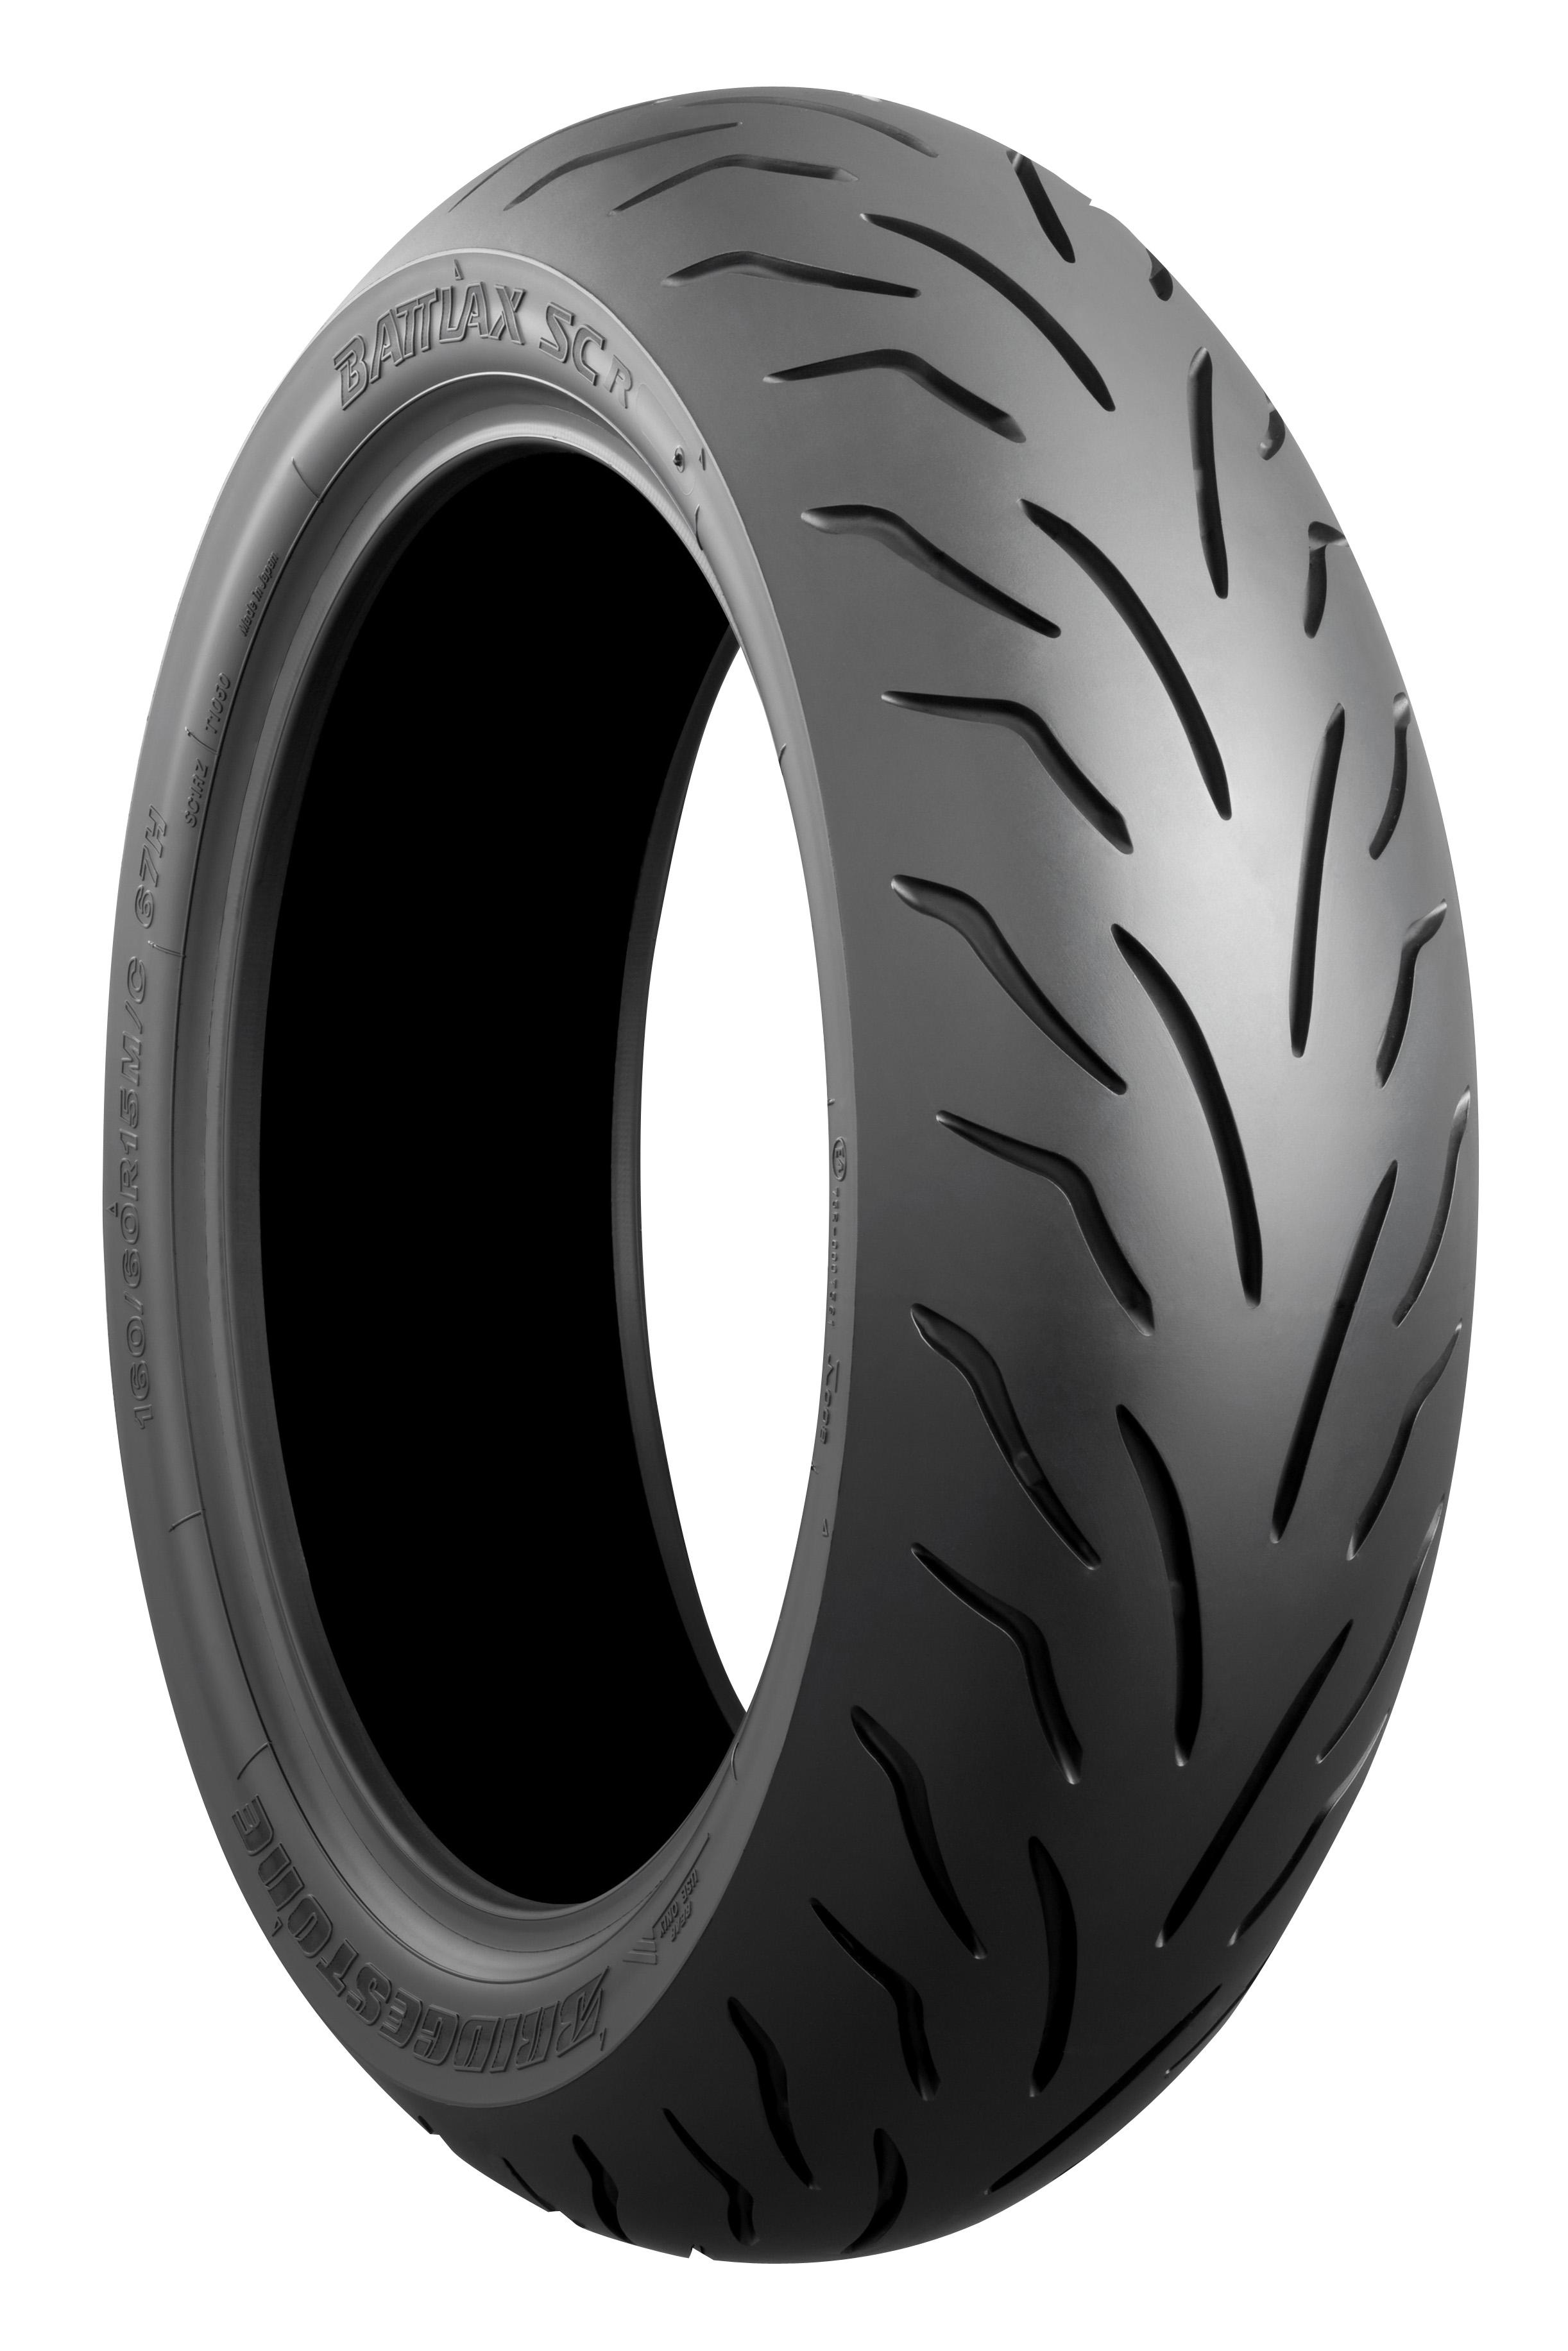 Bridgestone Battlax Scooter SC 140/70-12 (65L) Bias Rear Tyre